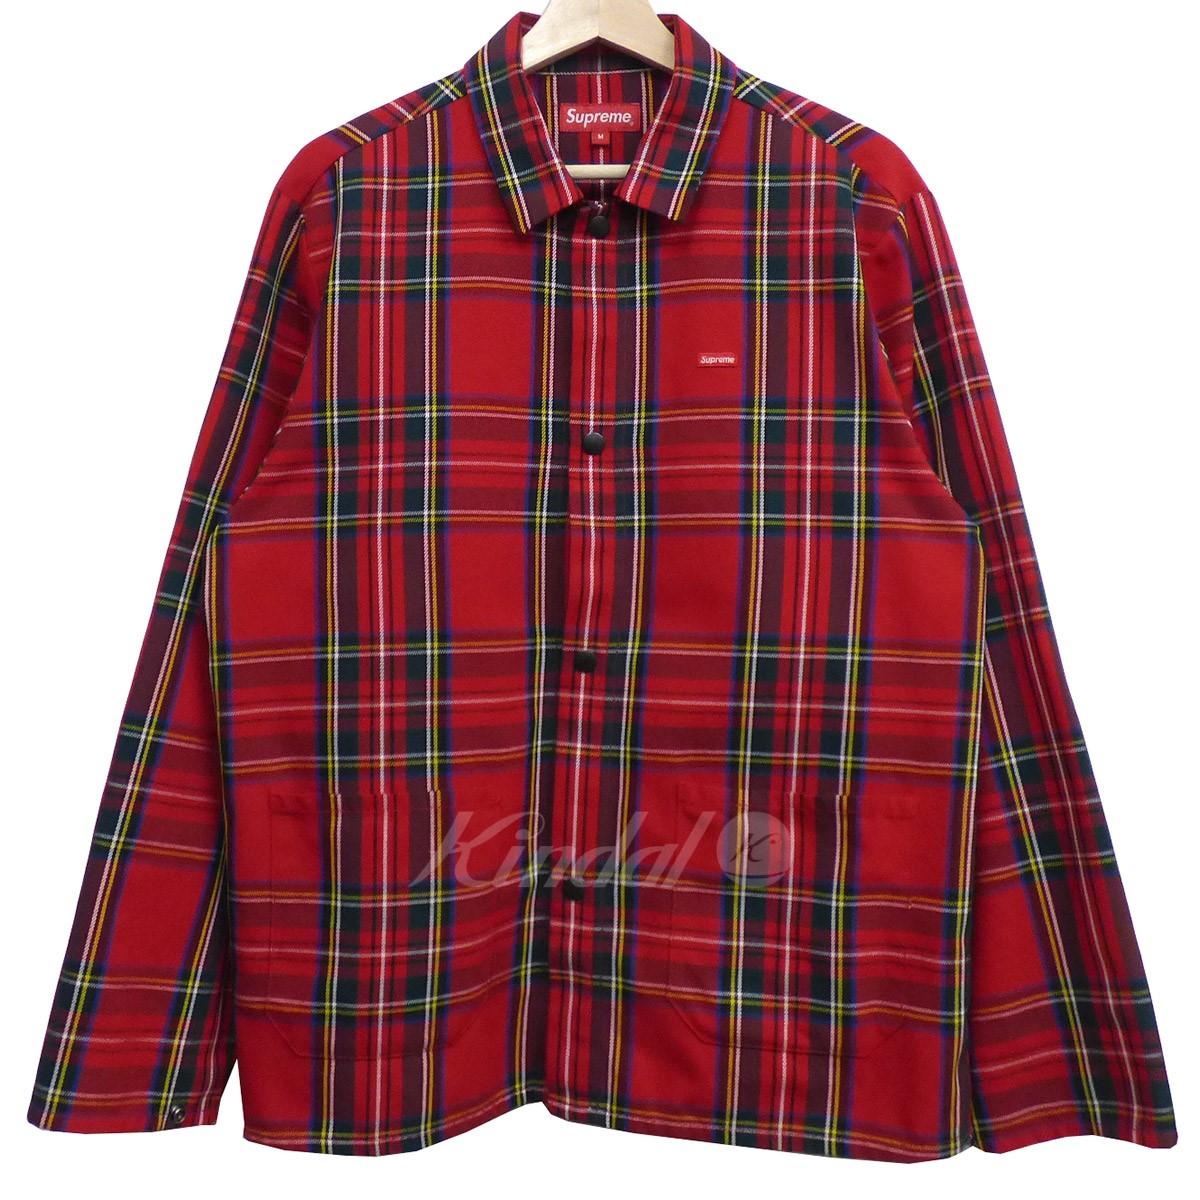 中古 SUPREME 17AW Shop Jacket Royal 送料無料 サイズ:M 270219 お気に入 シュプリーム 2020A/W新作送料無料 レッド Stewartチェックショップジャケット